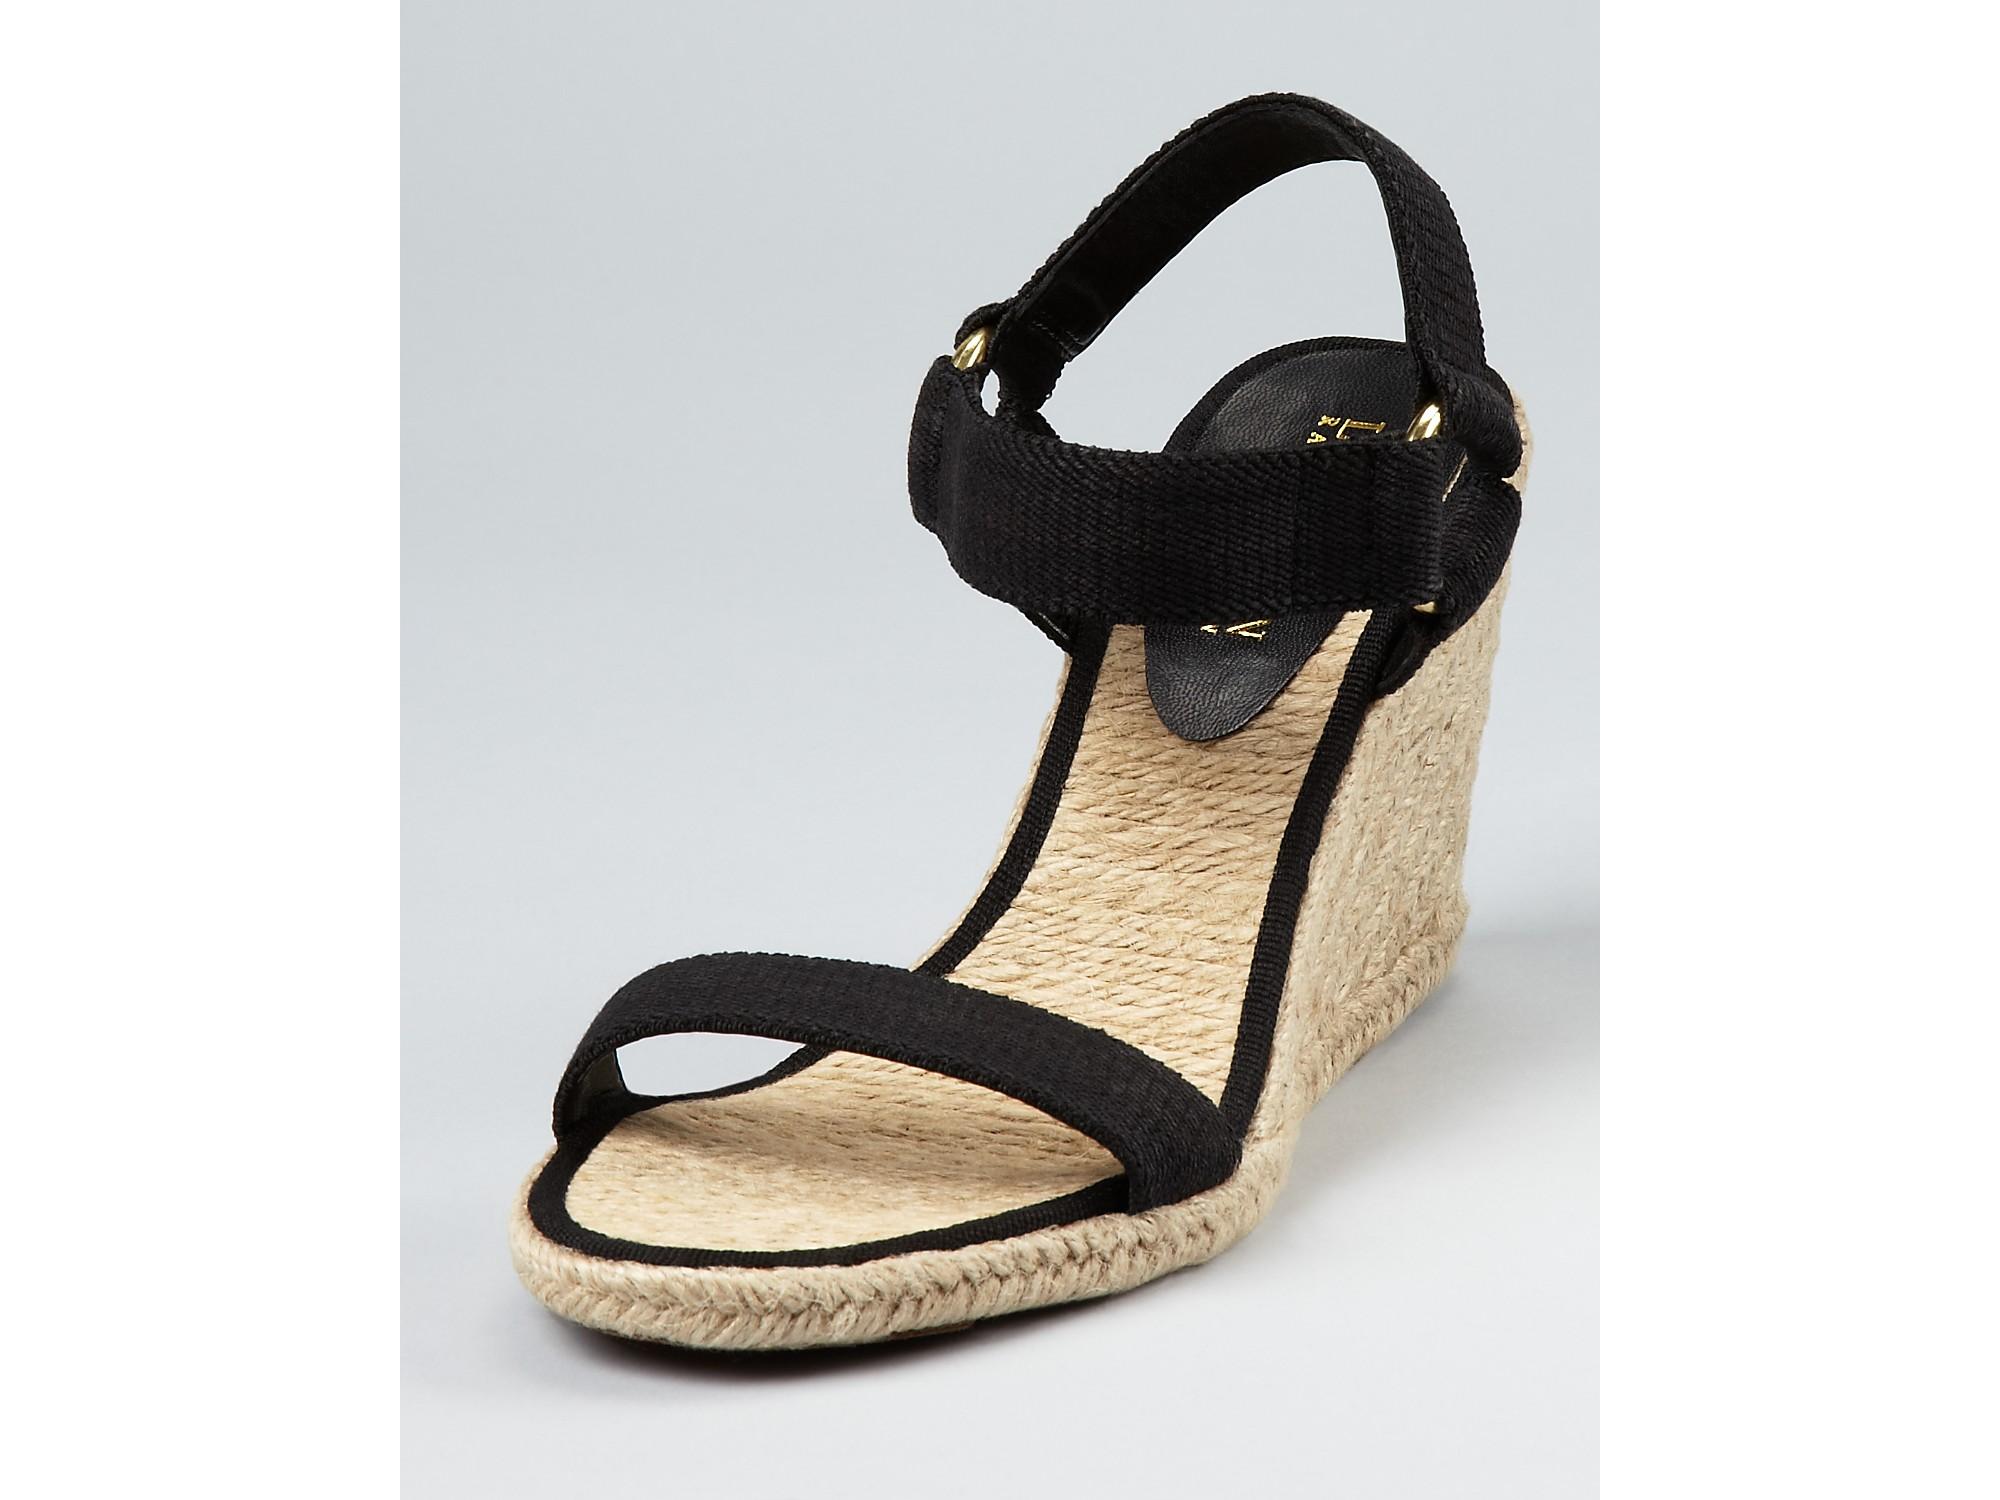 c4095882609 lauren ralph lauren indigo wedge sandals - Dr. E. Horn GmbH - Dr. E ...